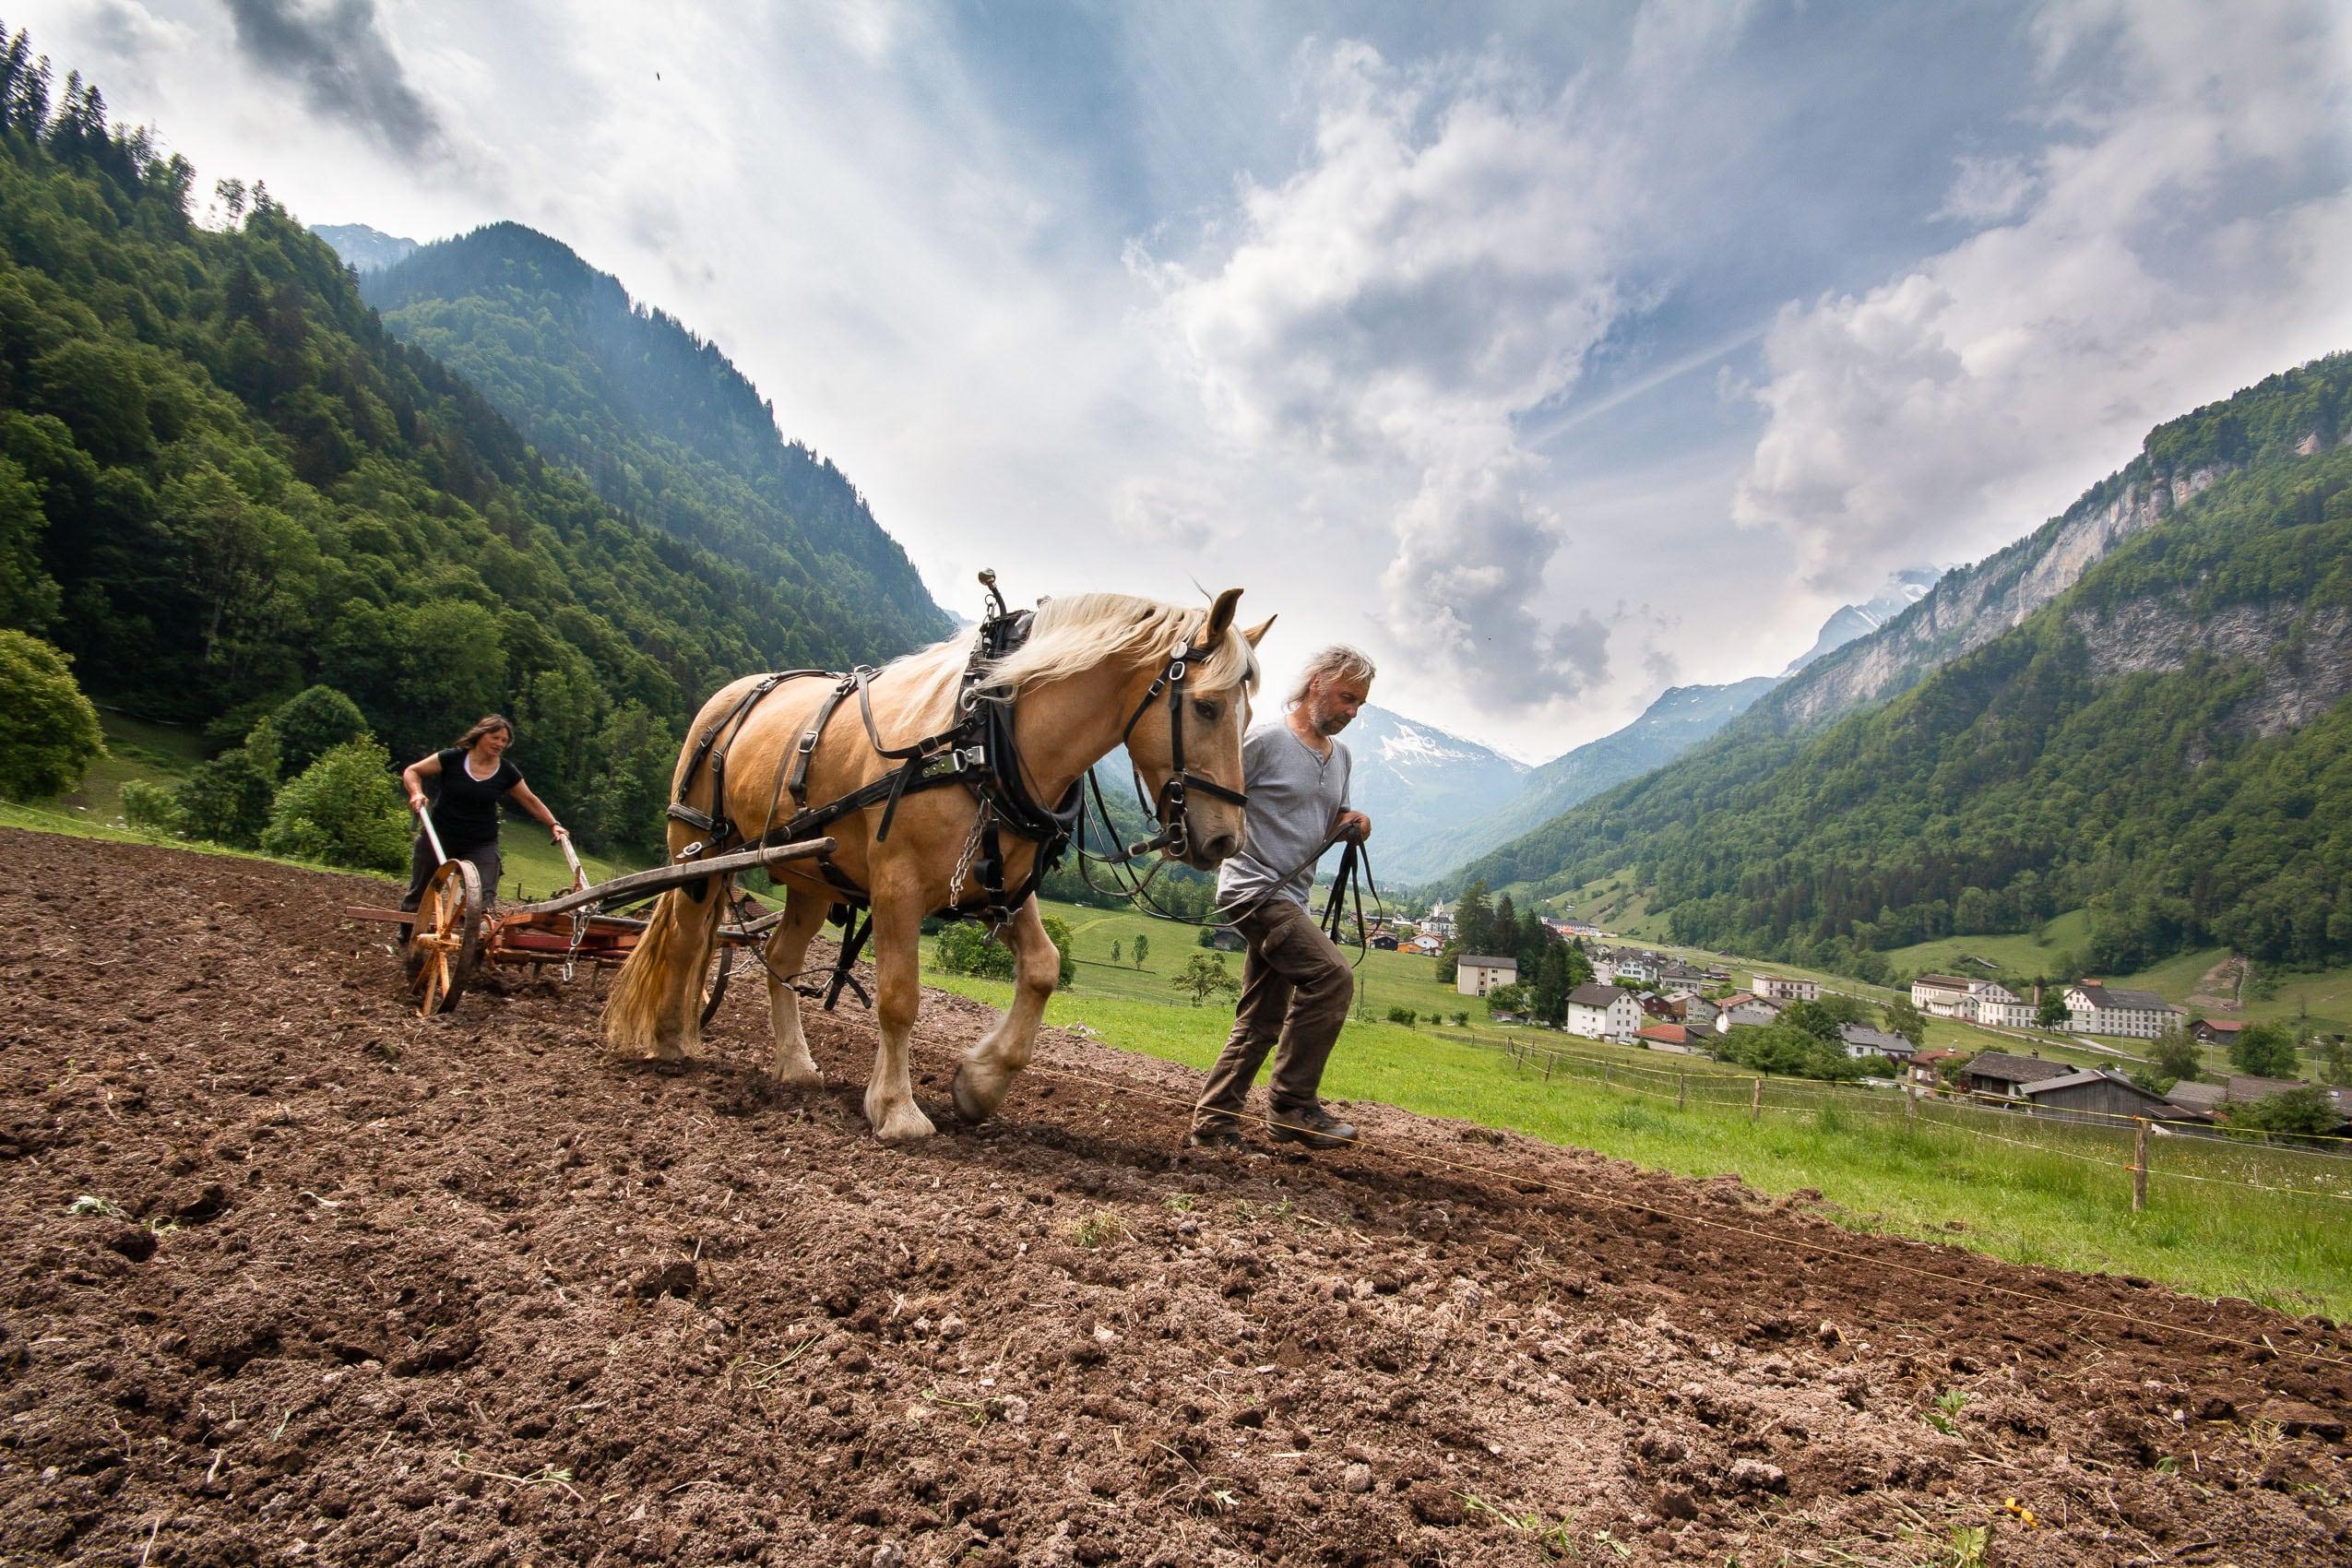 Bauern beim Pflügen mit dem Pferd